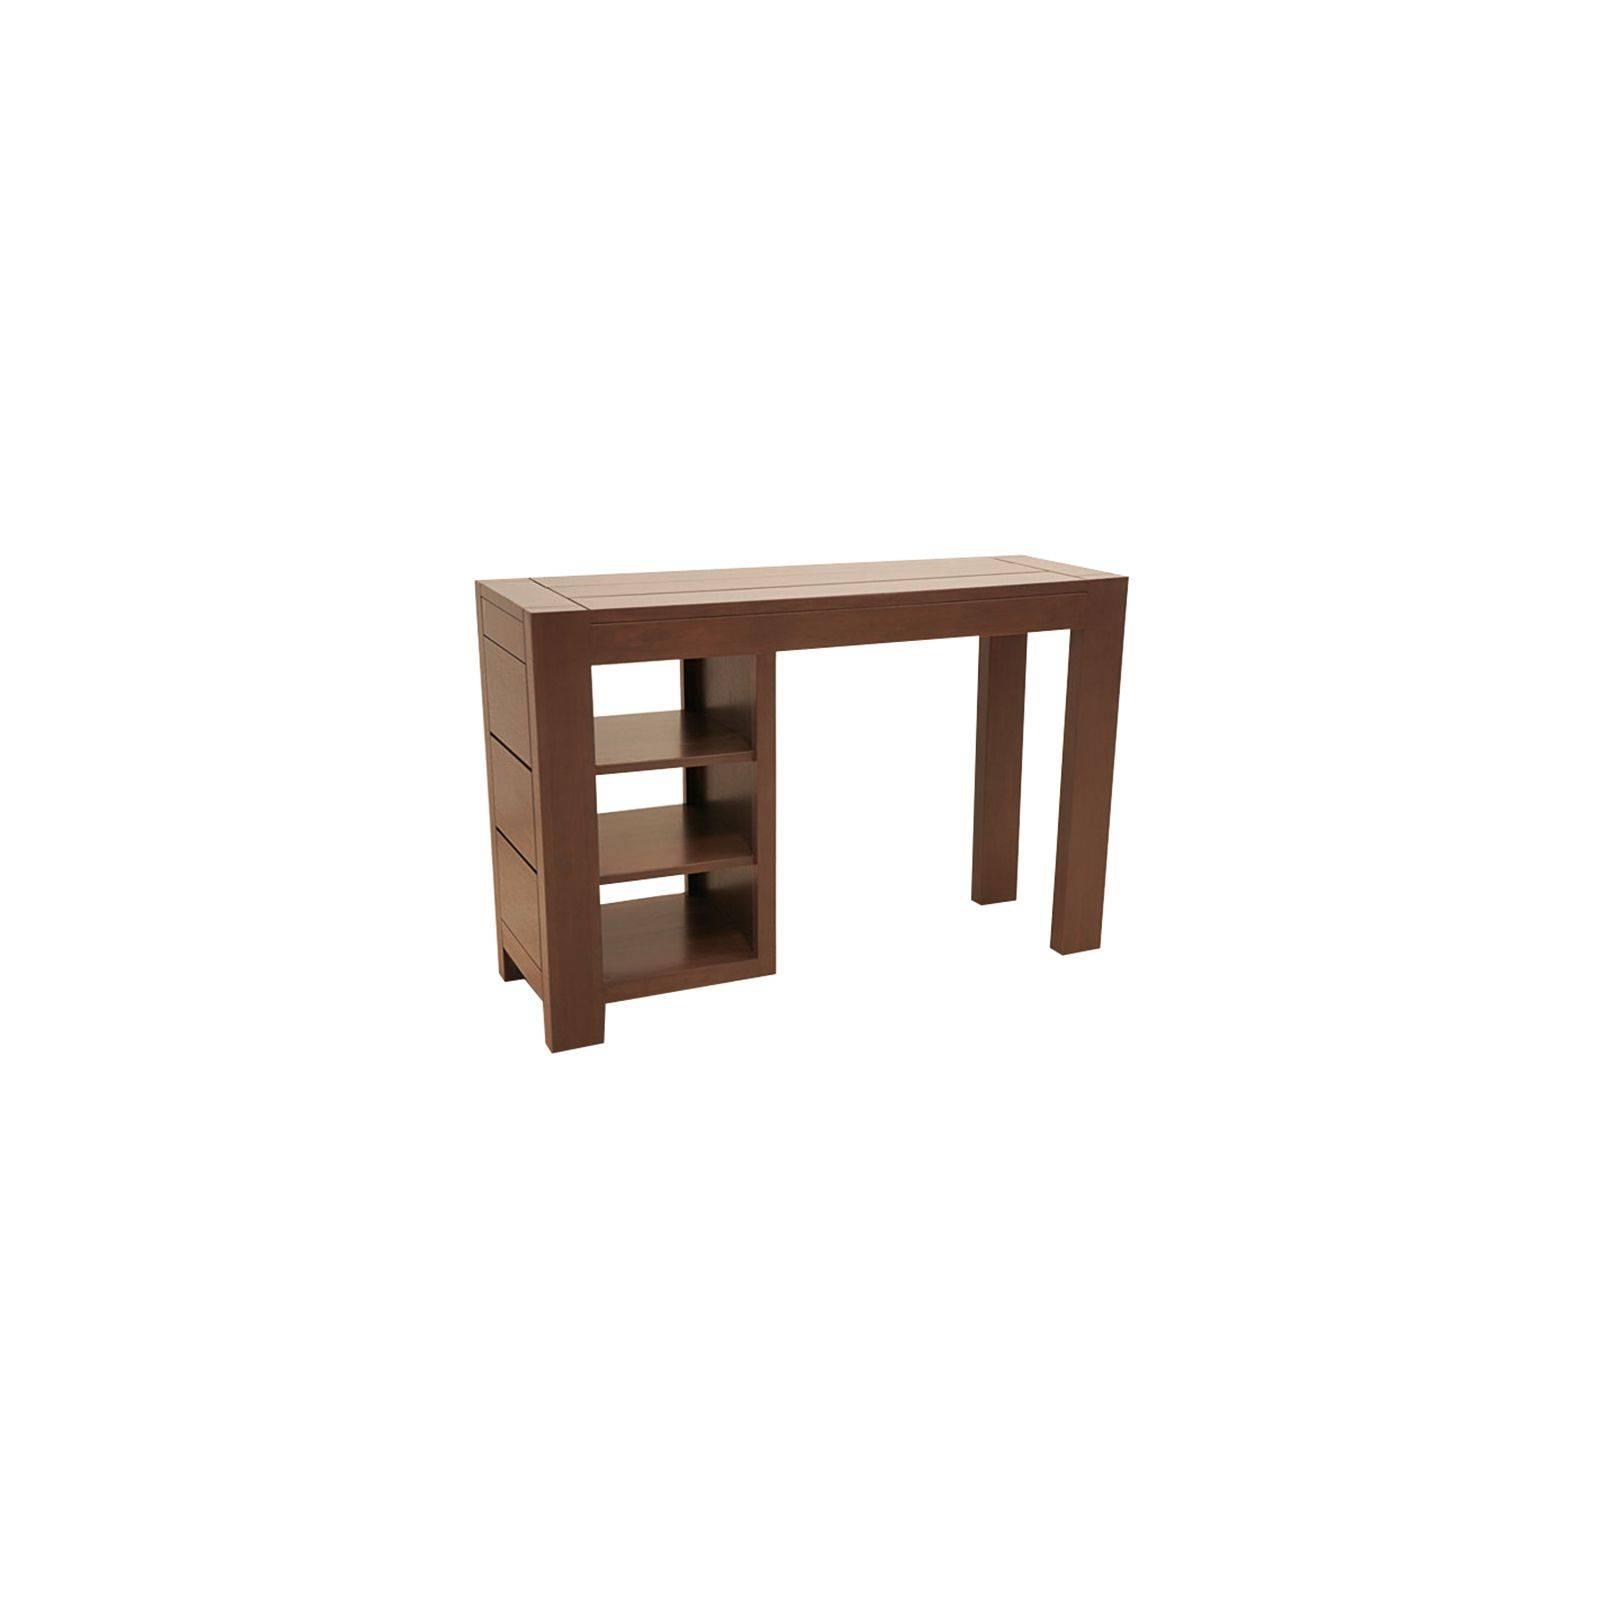 Bureau design en bois massif. Collection de meubles en hévéa Moka